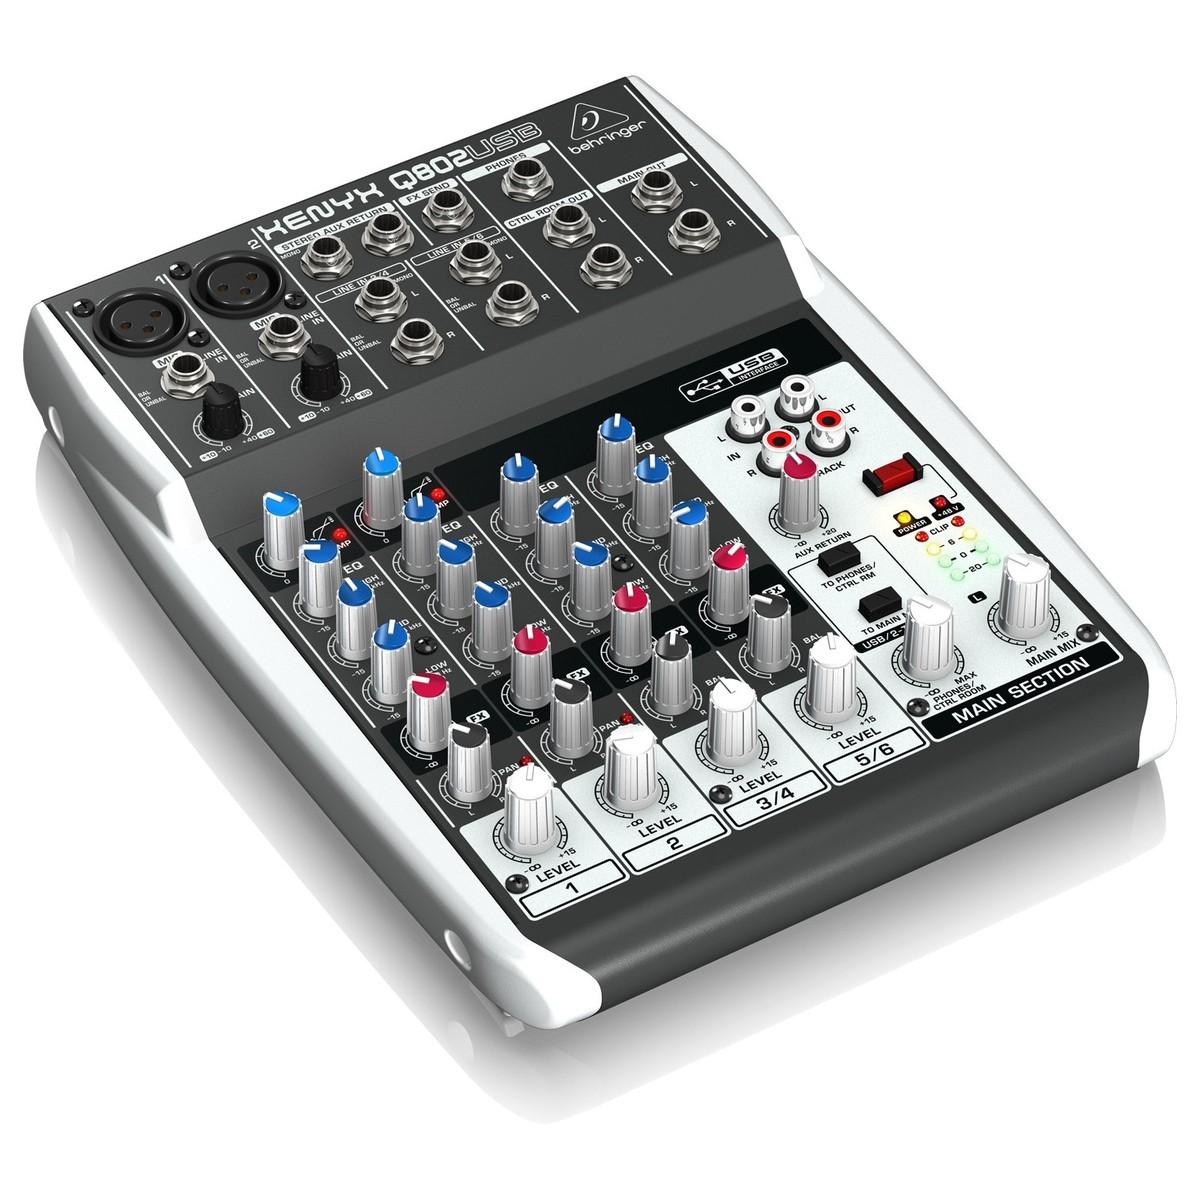 Mixer thu âm 8 cổng vào Behringer XENYX Q802USB - Hàng nhập khẩu